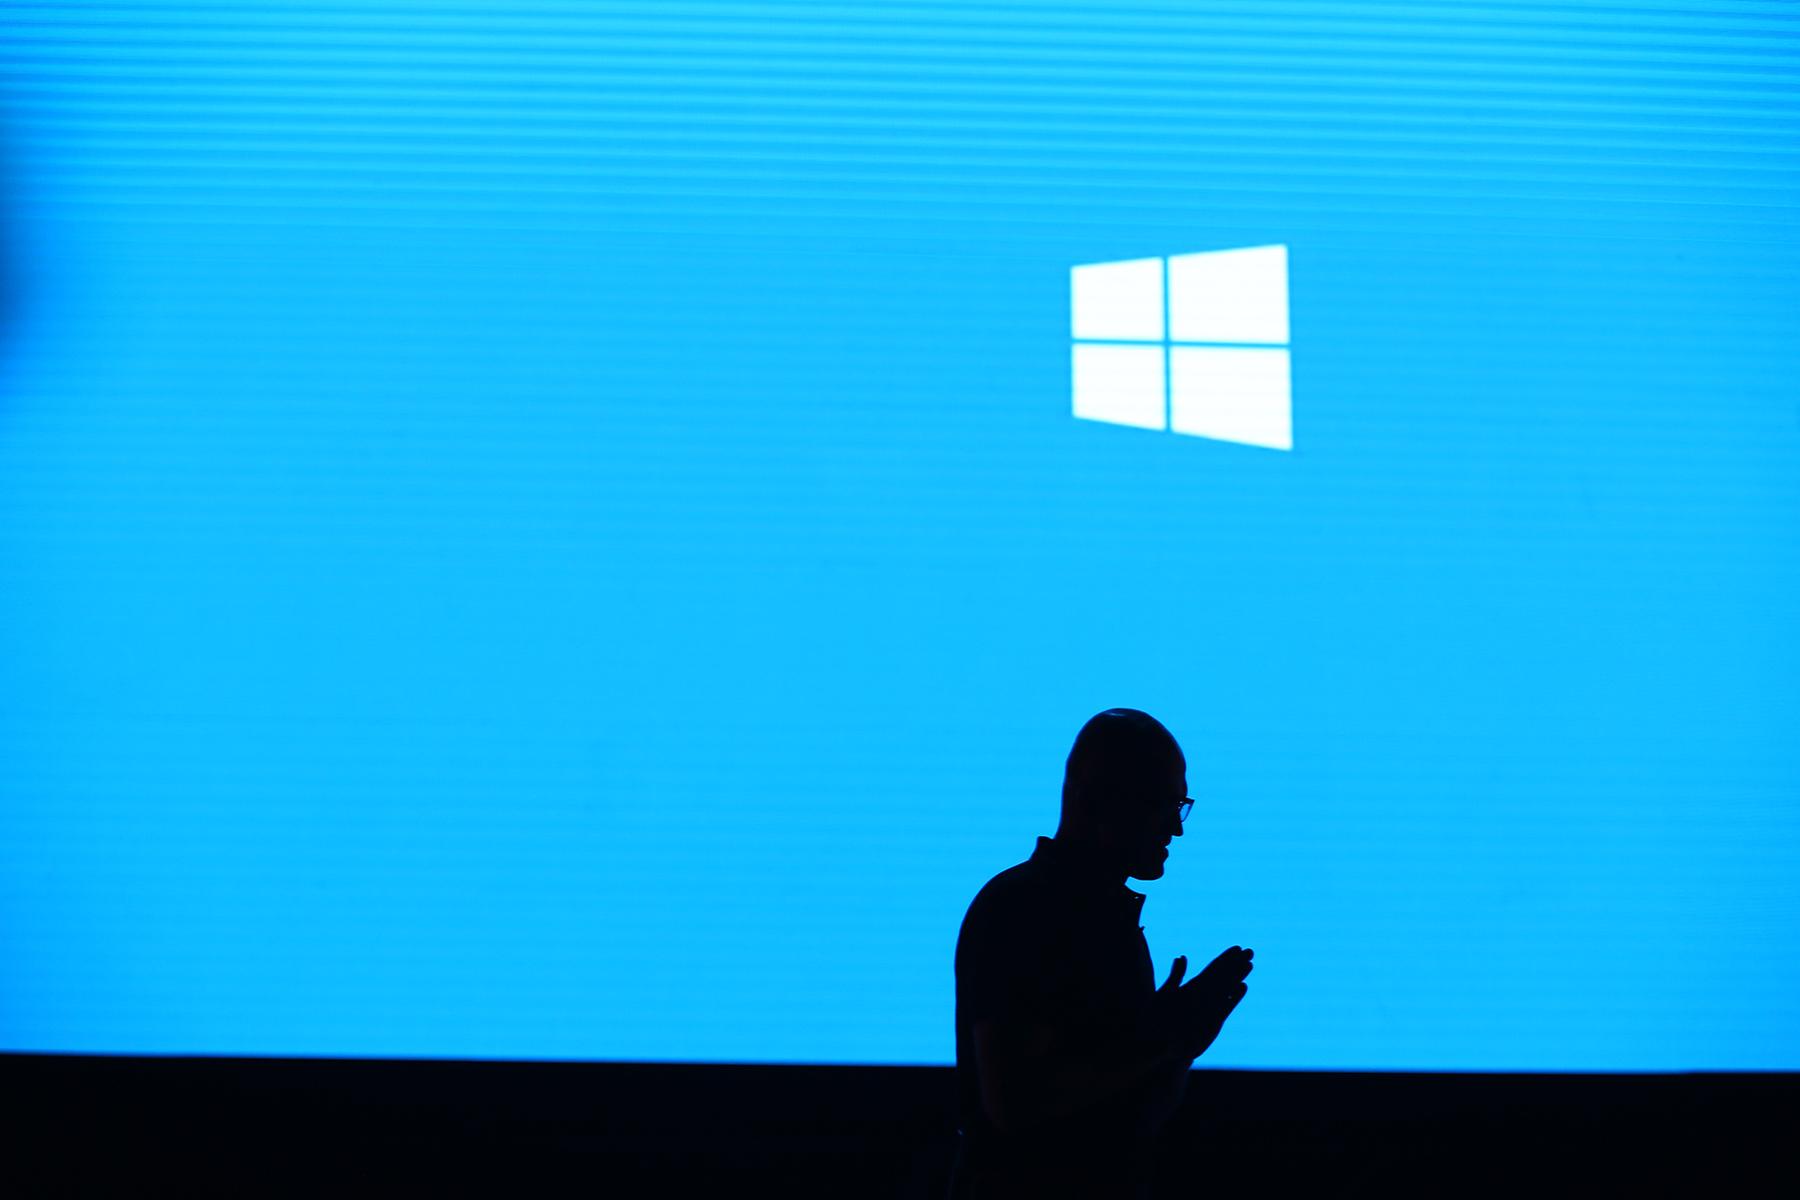 O Windows domina no Desktop   mas o Linux domina o mundo